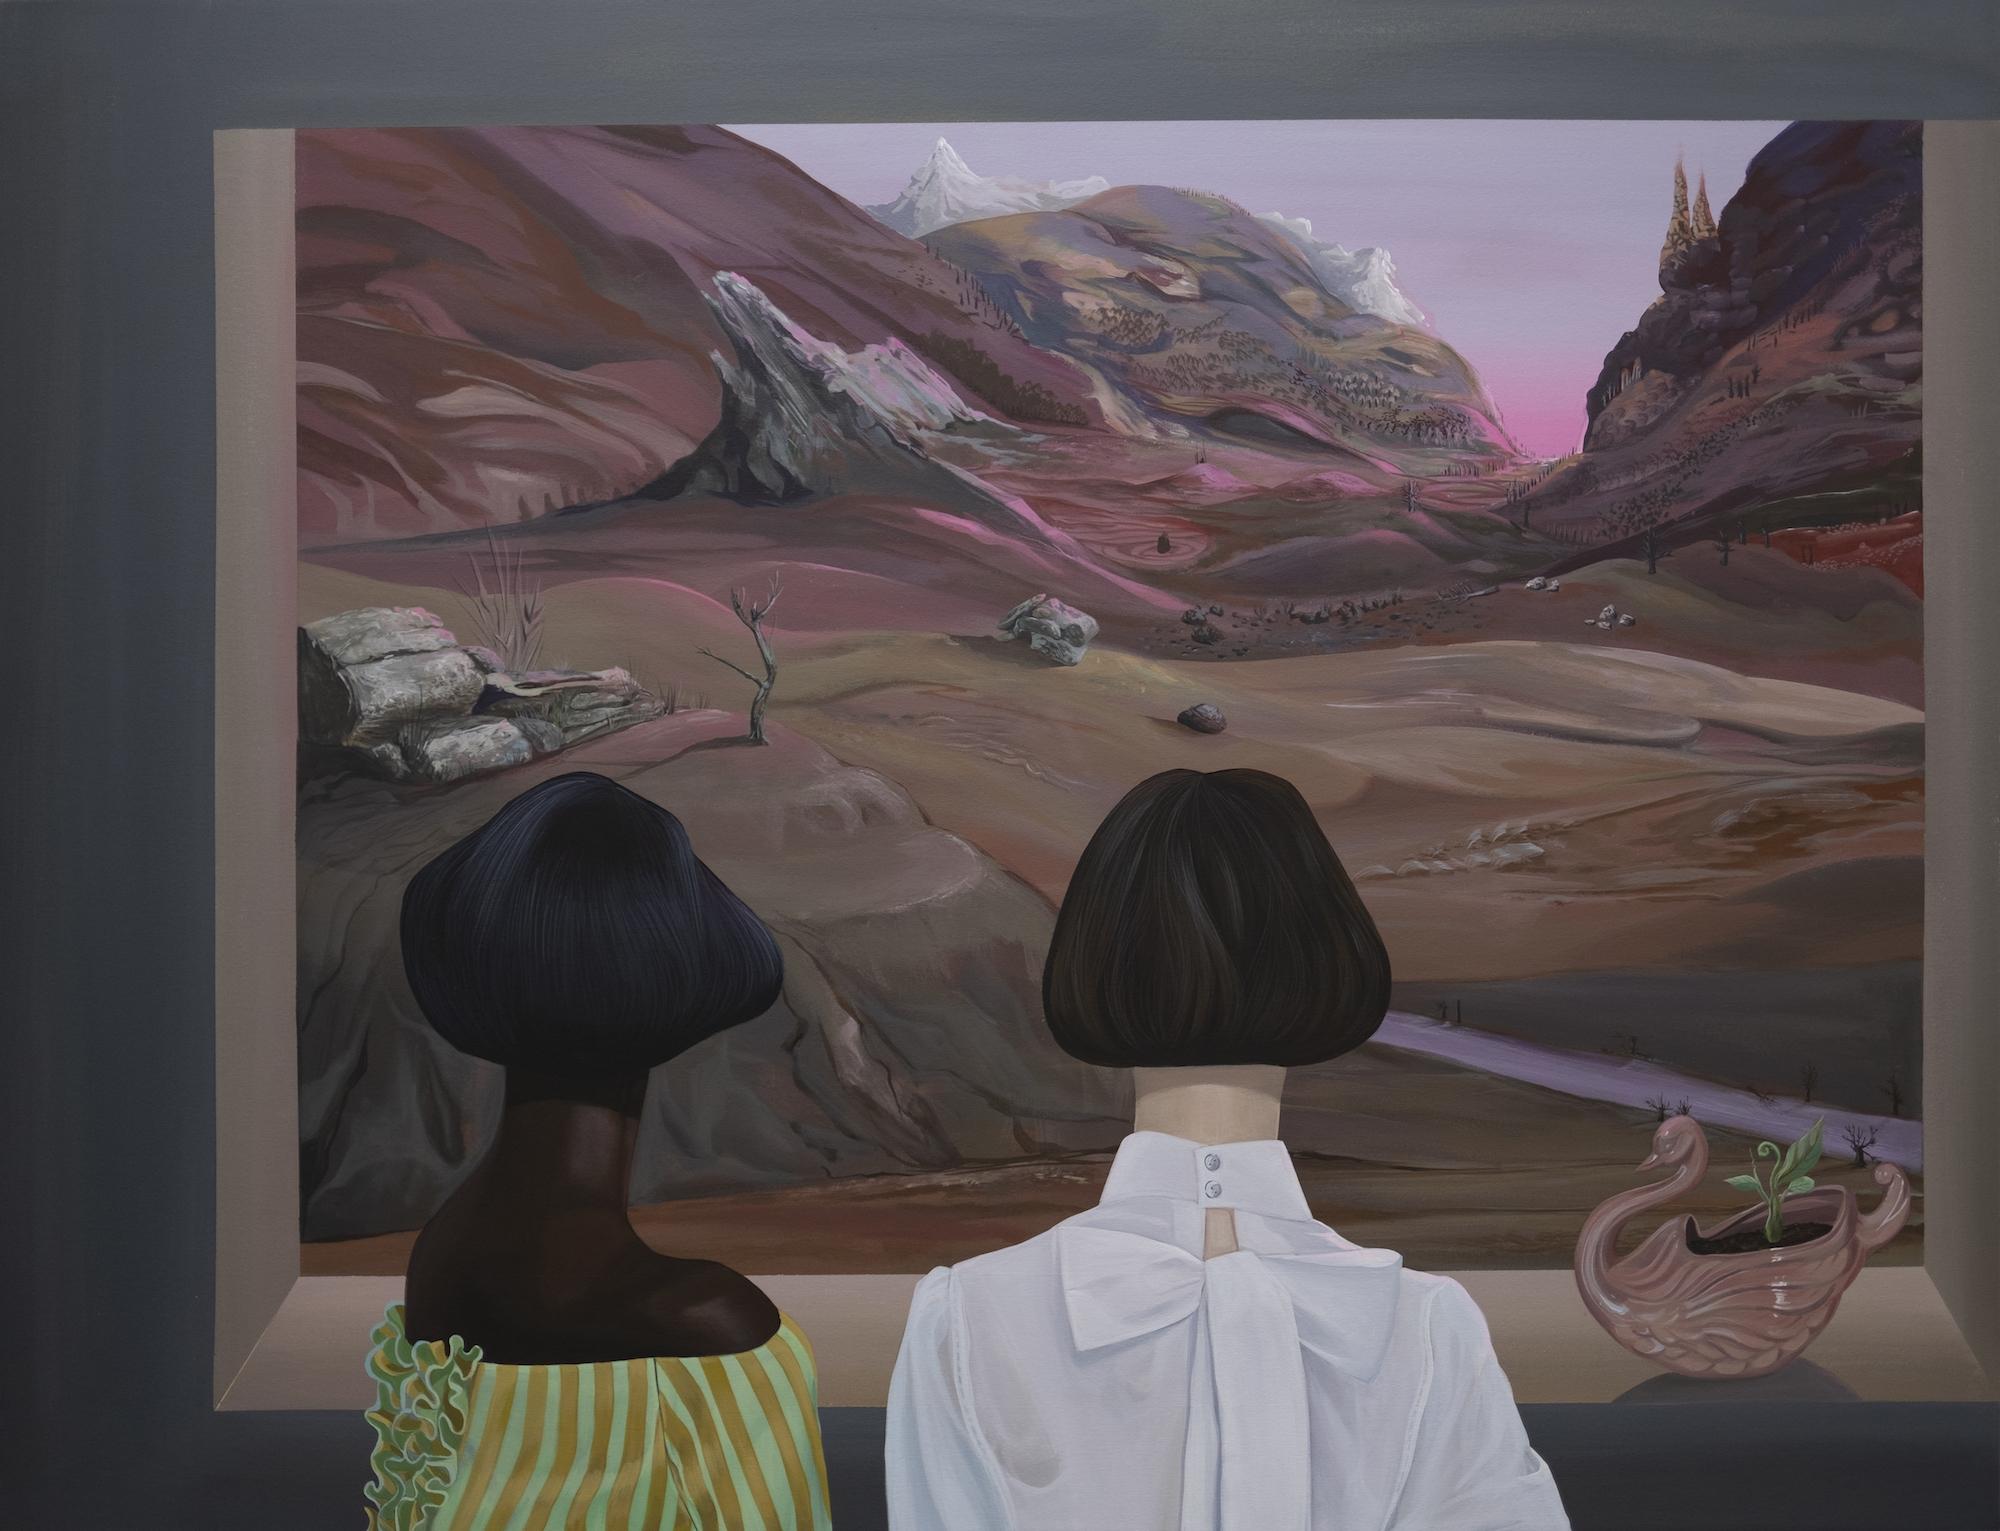 Dalton Gata, Vista Desde la Ventana (View From the Window), 2020